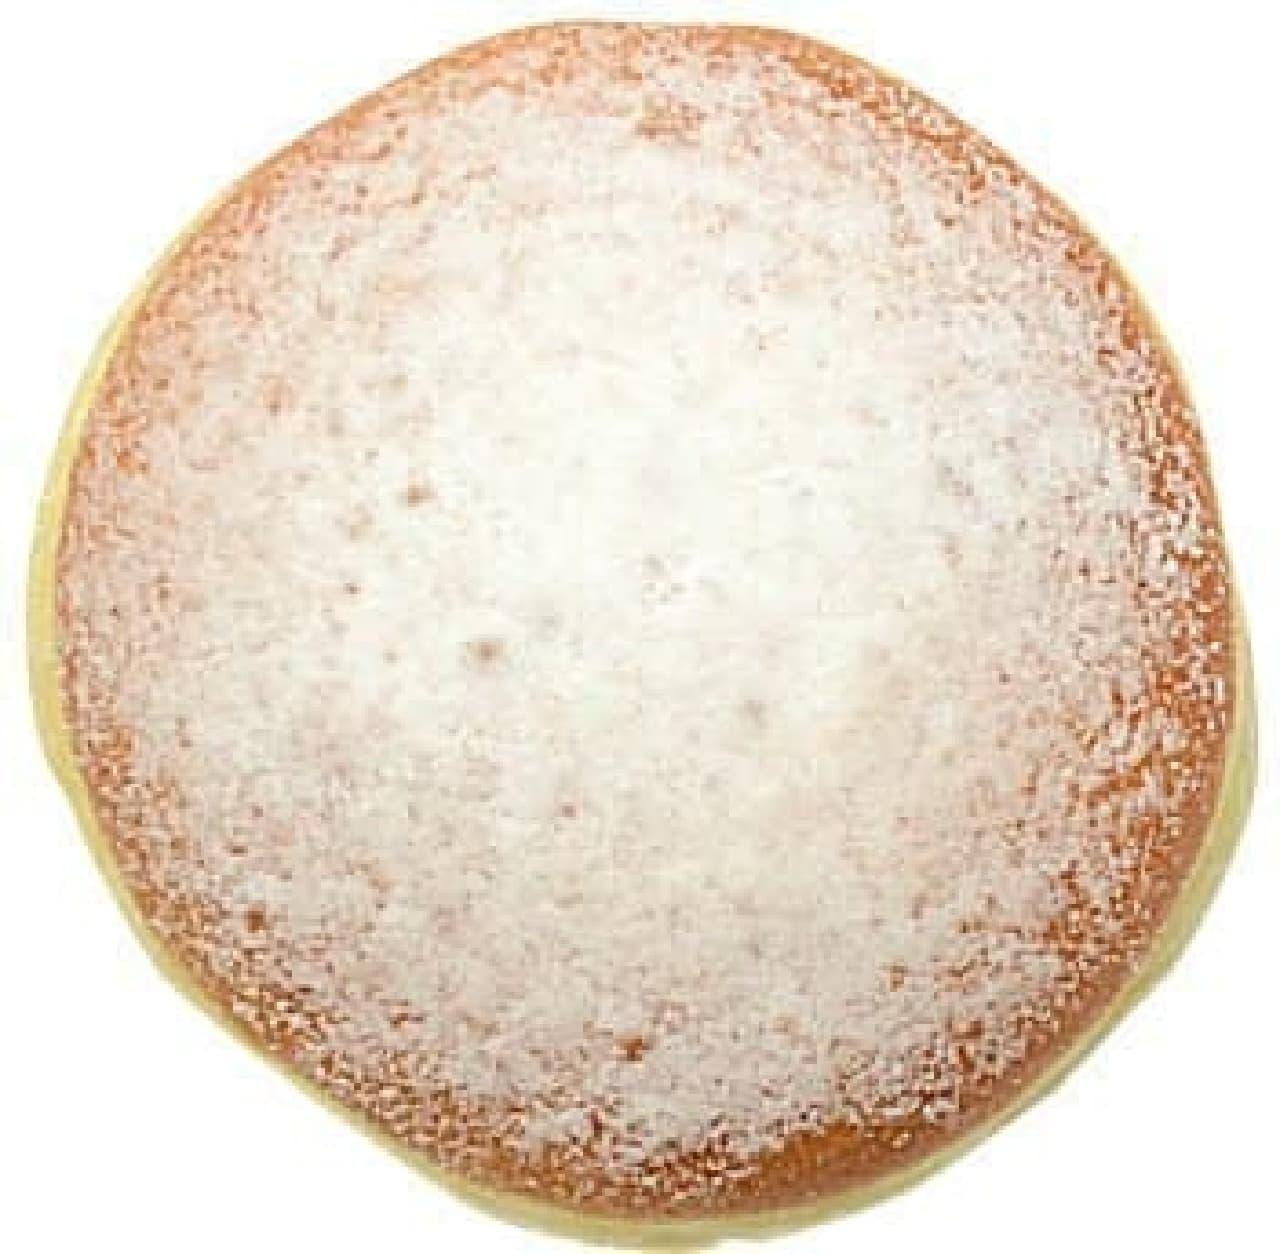 セブン-イレブン「カスタードドーナツ」